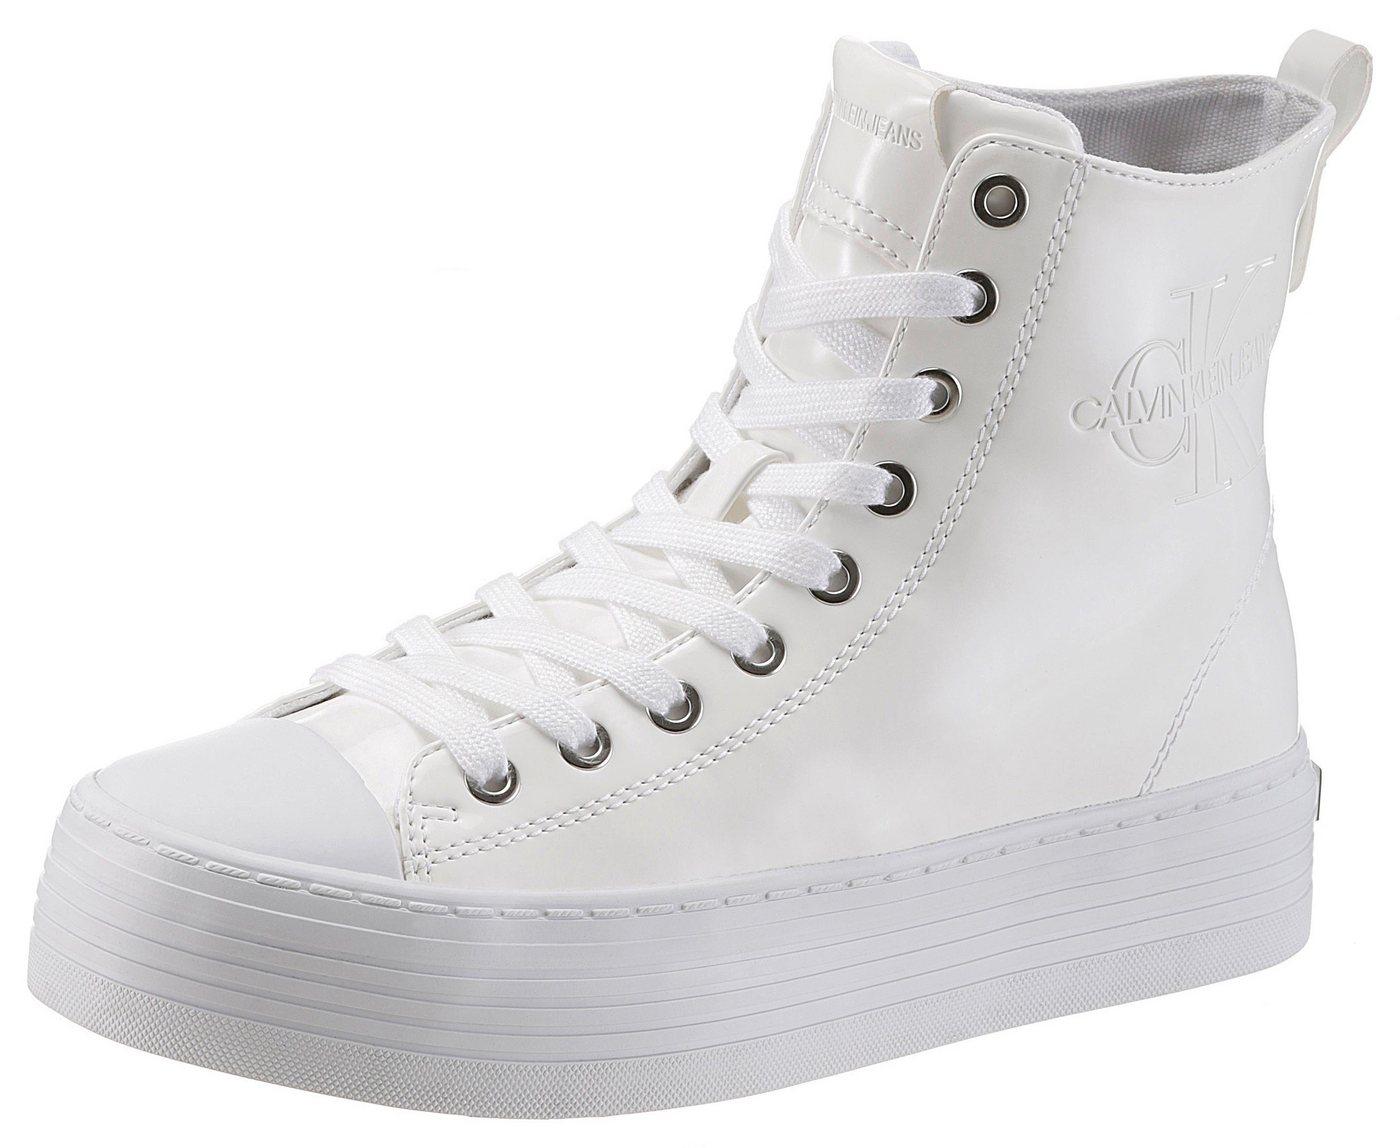 Damen Calvin Klein Zazah Sneaker mit Plateausohle weiß   00889680166295